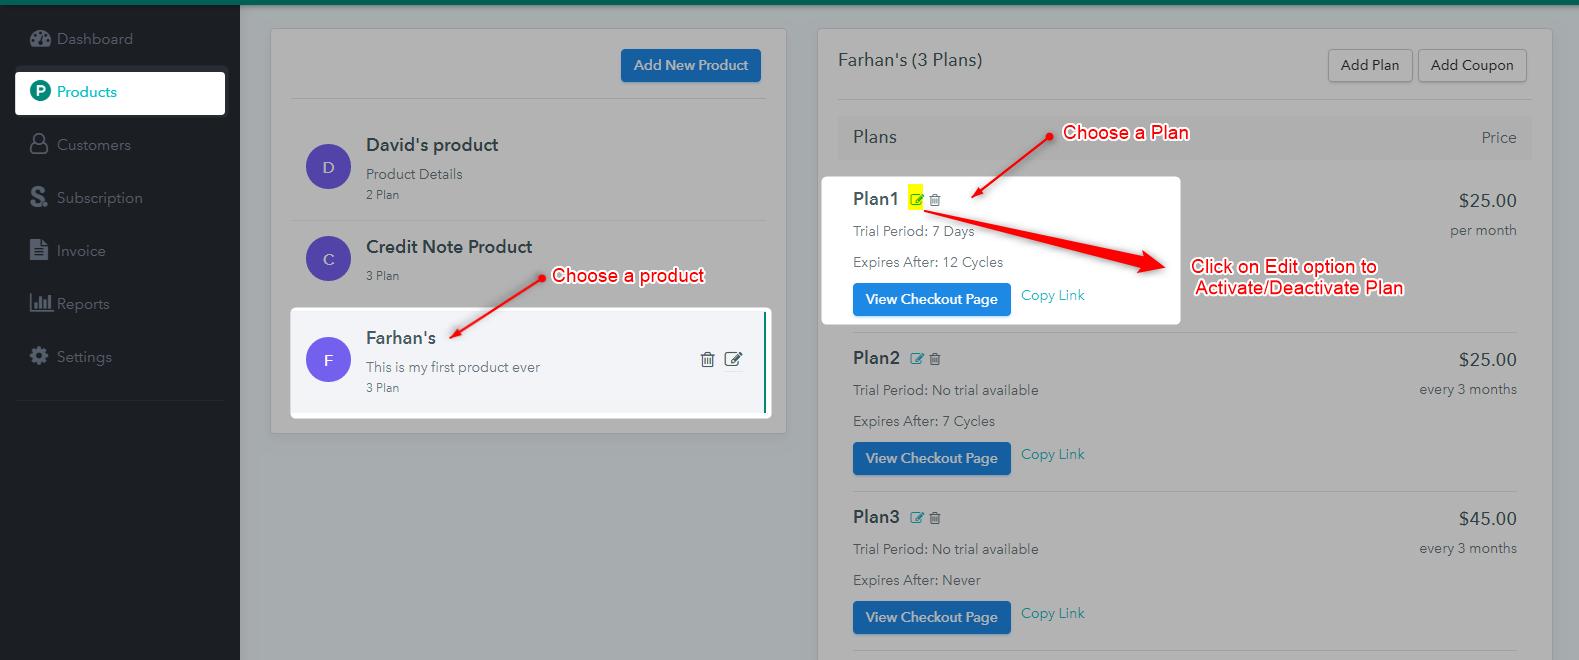 Activate - Deactivate - Select Plan